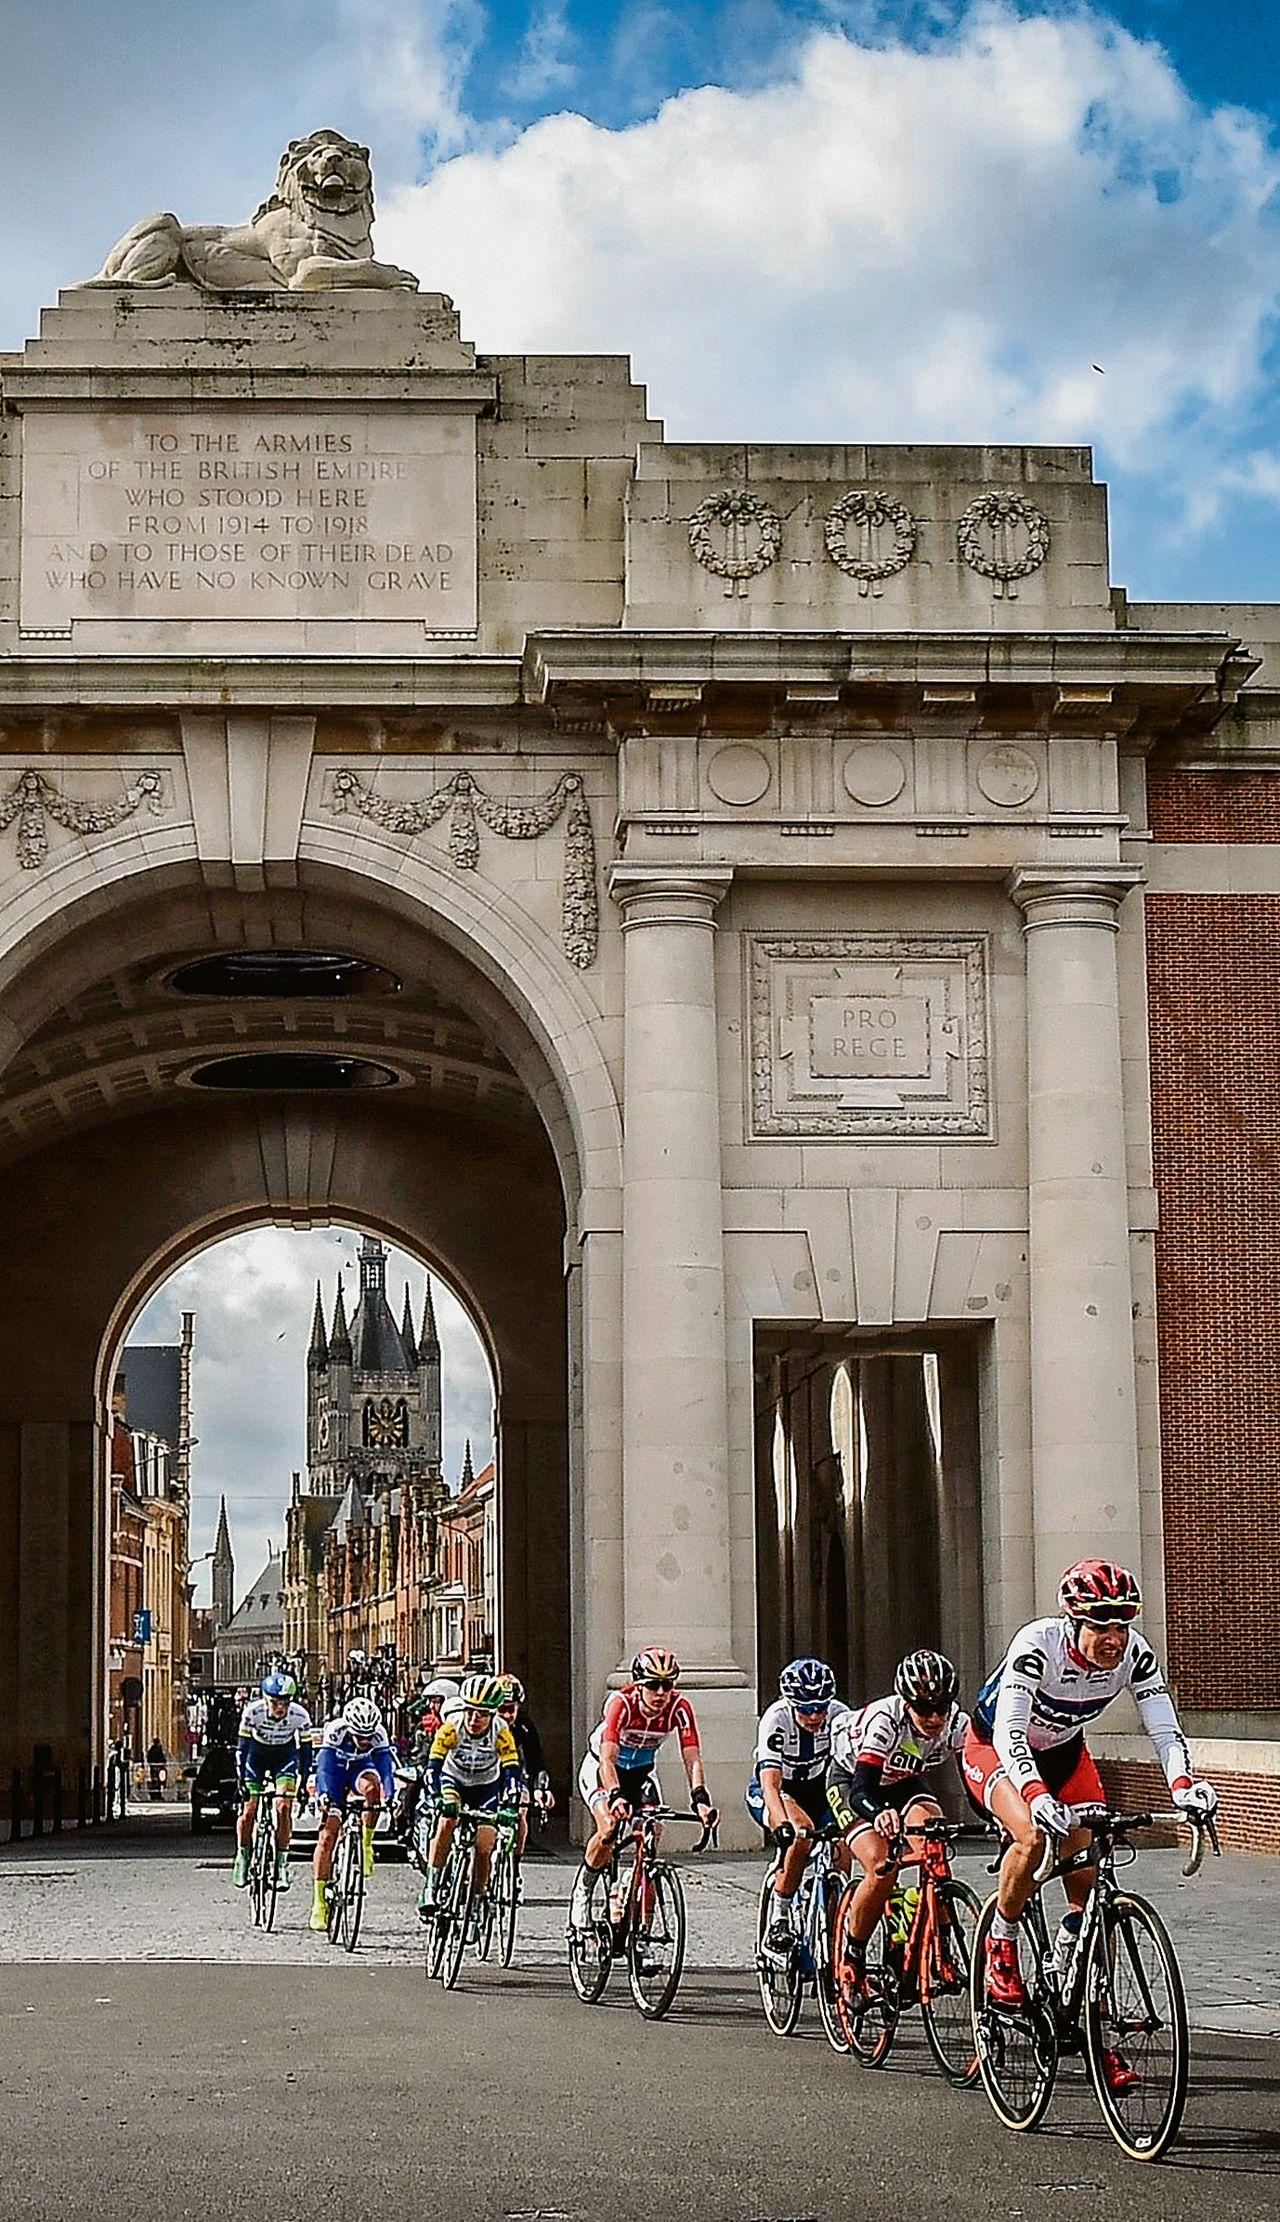 Het peloton bij de Menenpoort in Ieper, zondag in de slotfase van Gent-Wevelgem, na het ongeluk met Demoitié.